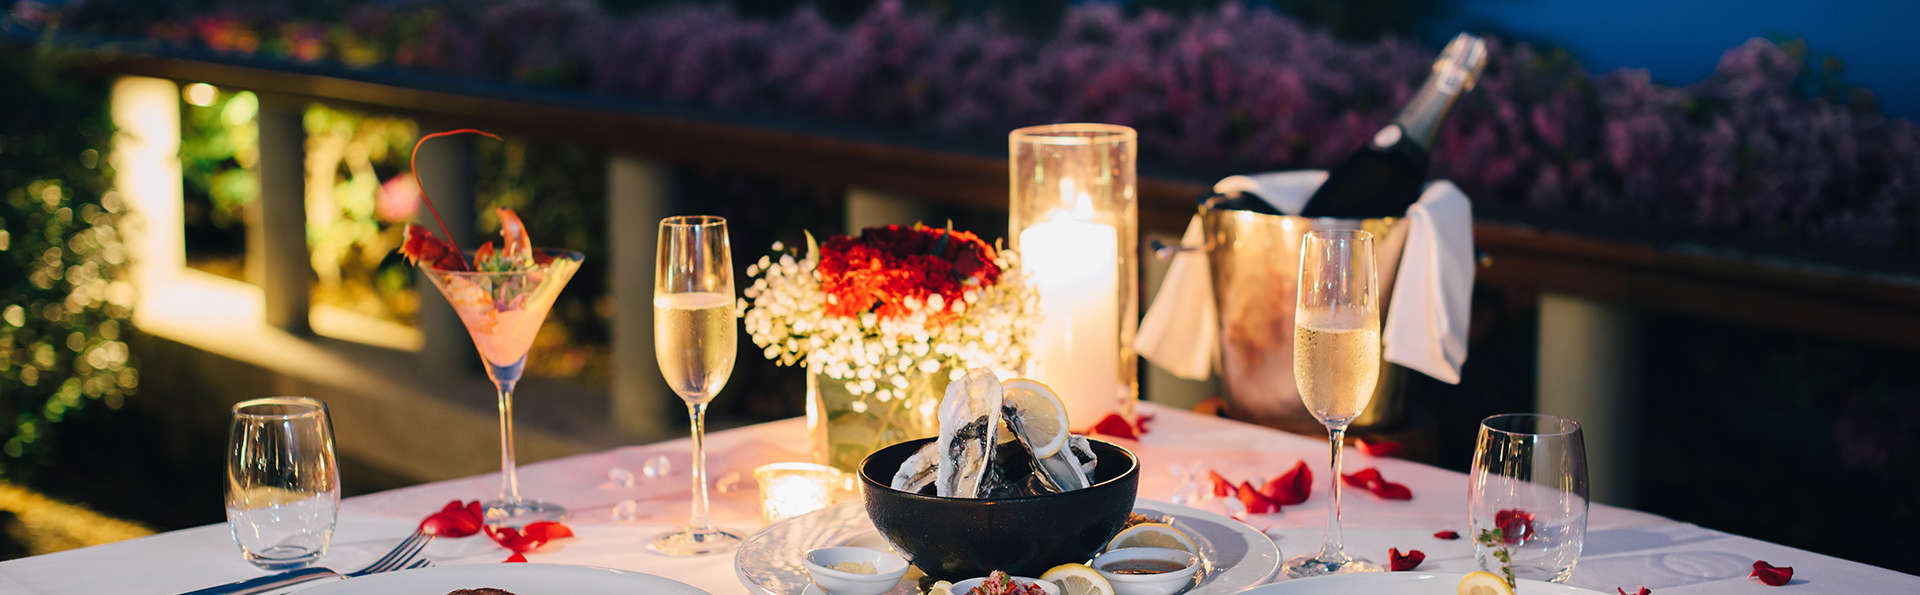 Séjour à Montepulciano avec dîner inclus ! (à partir de 2 nuits)